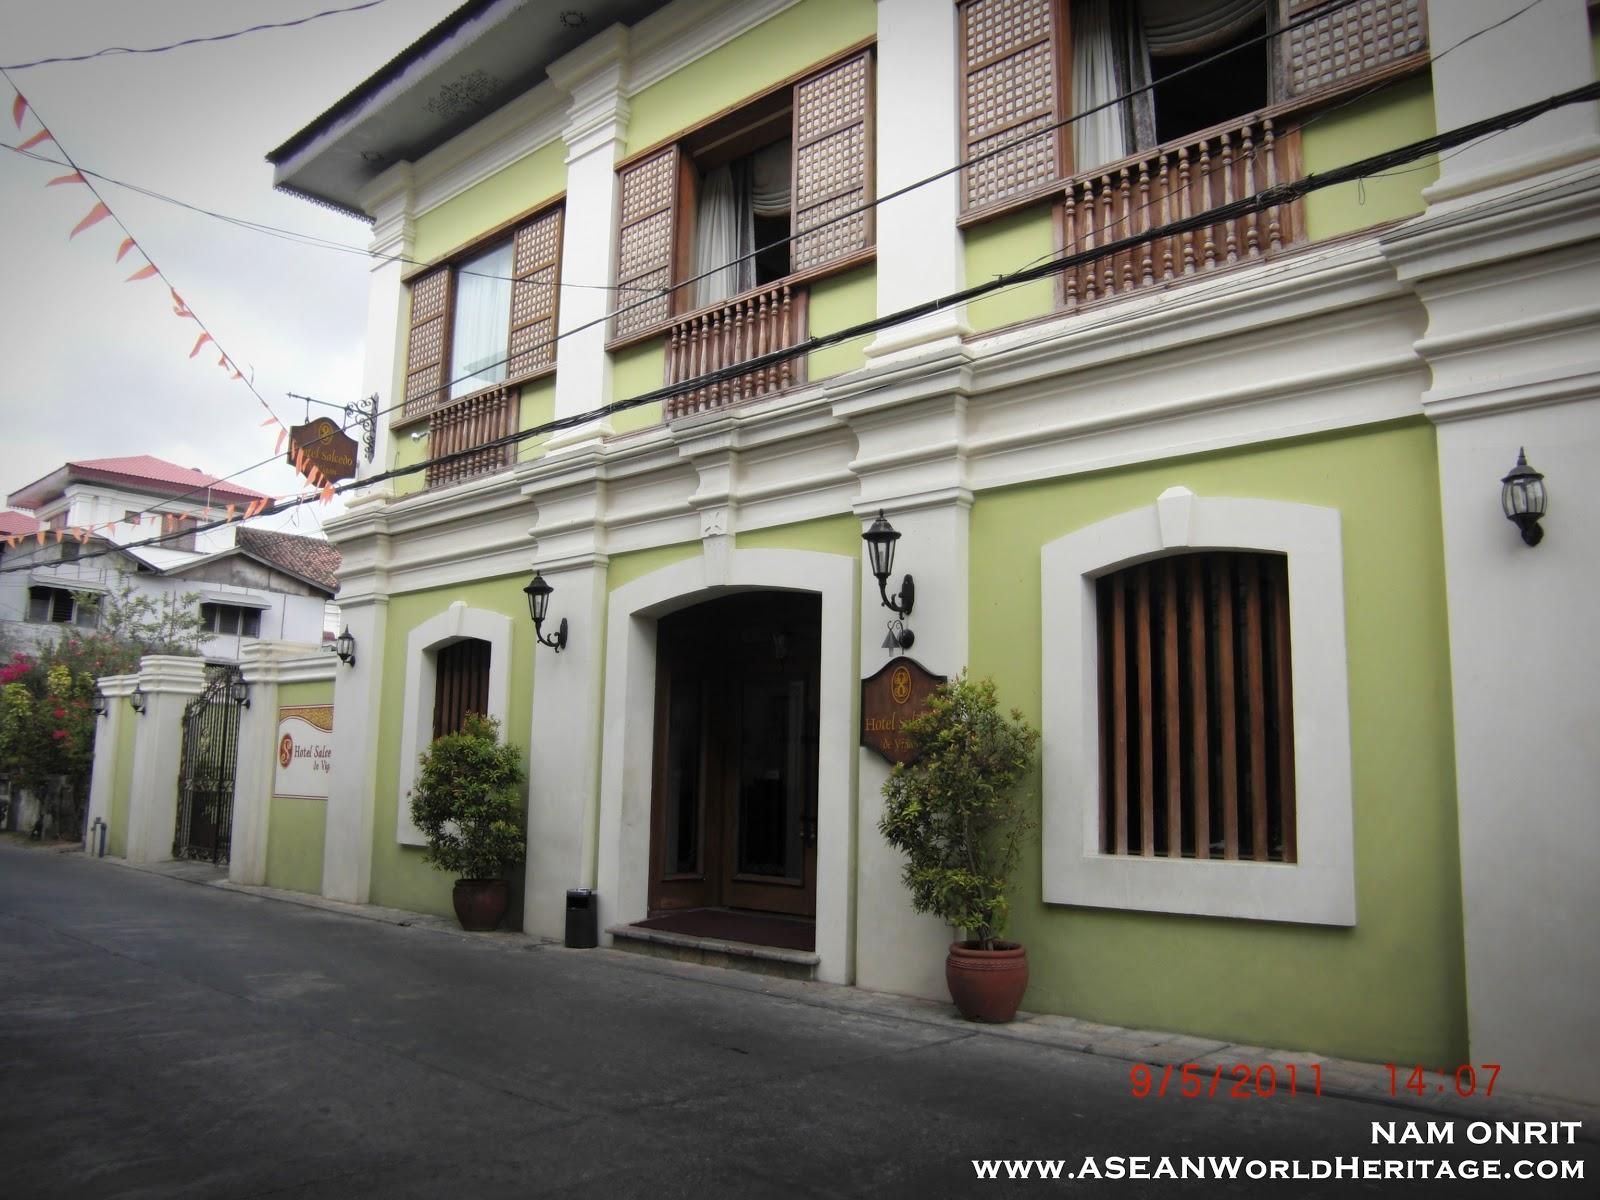 Stay Vigan Visit 2 Asean World Heritage